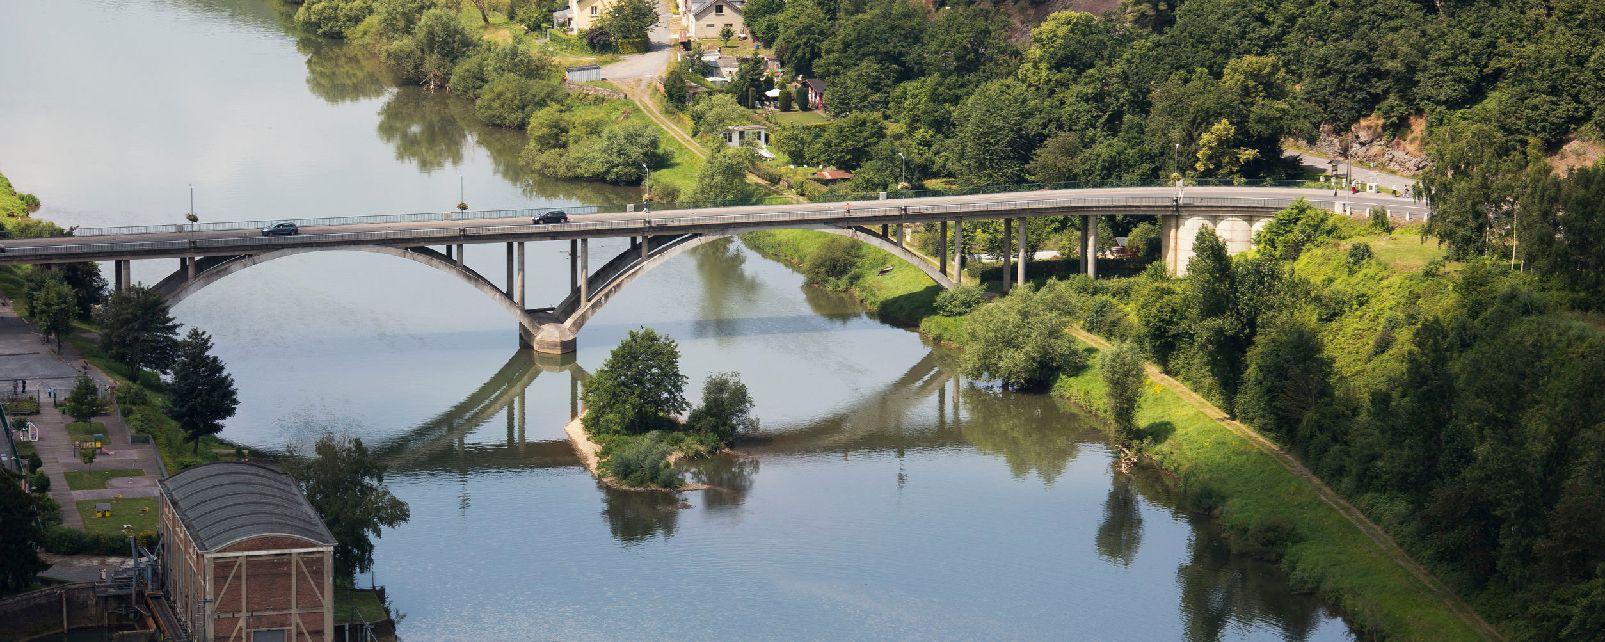 Les rivières de la Meuse , Francia